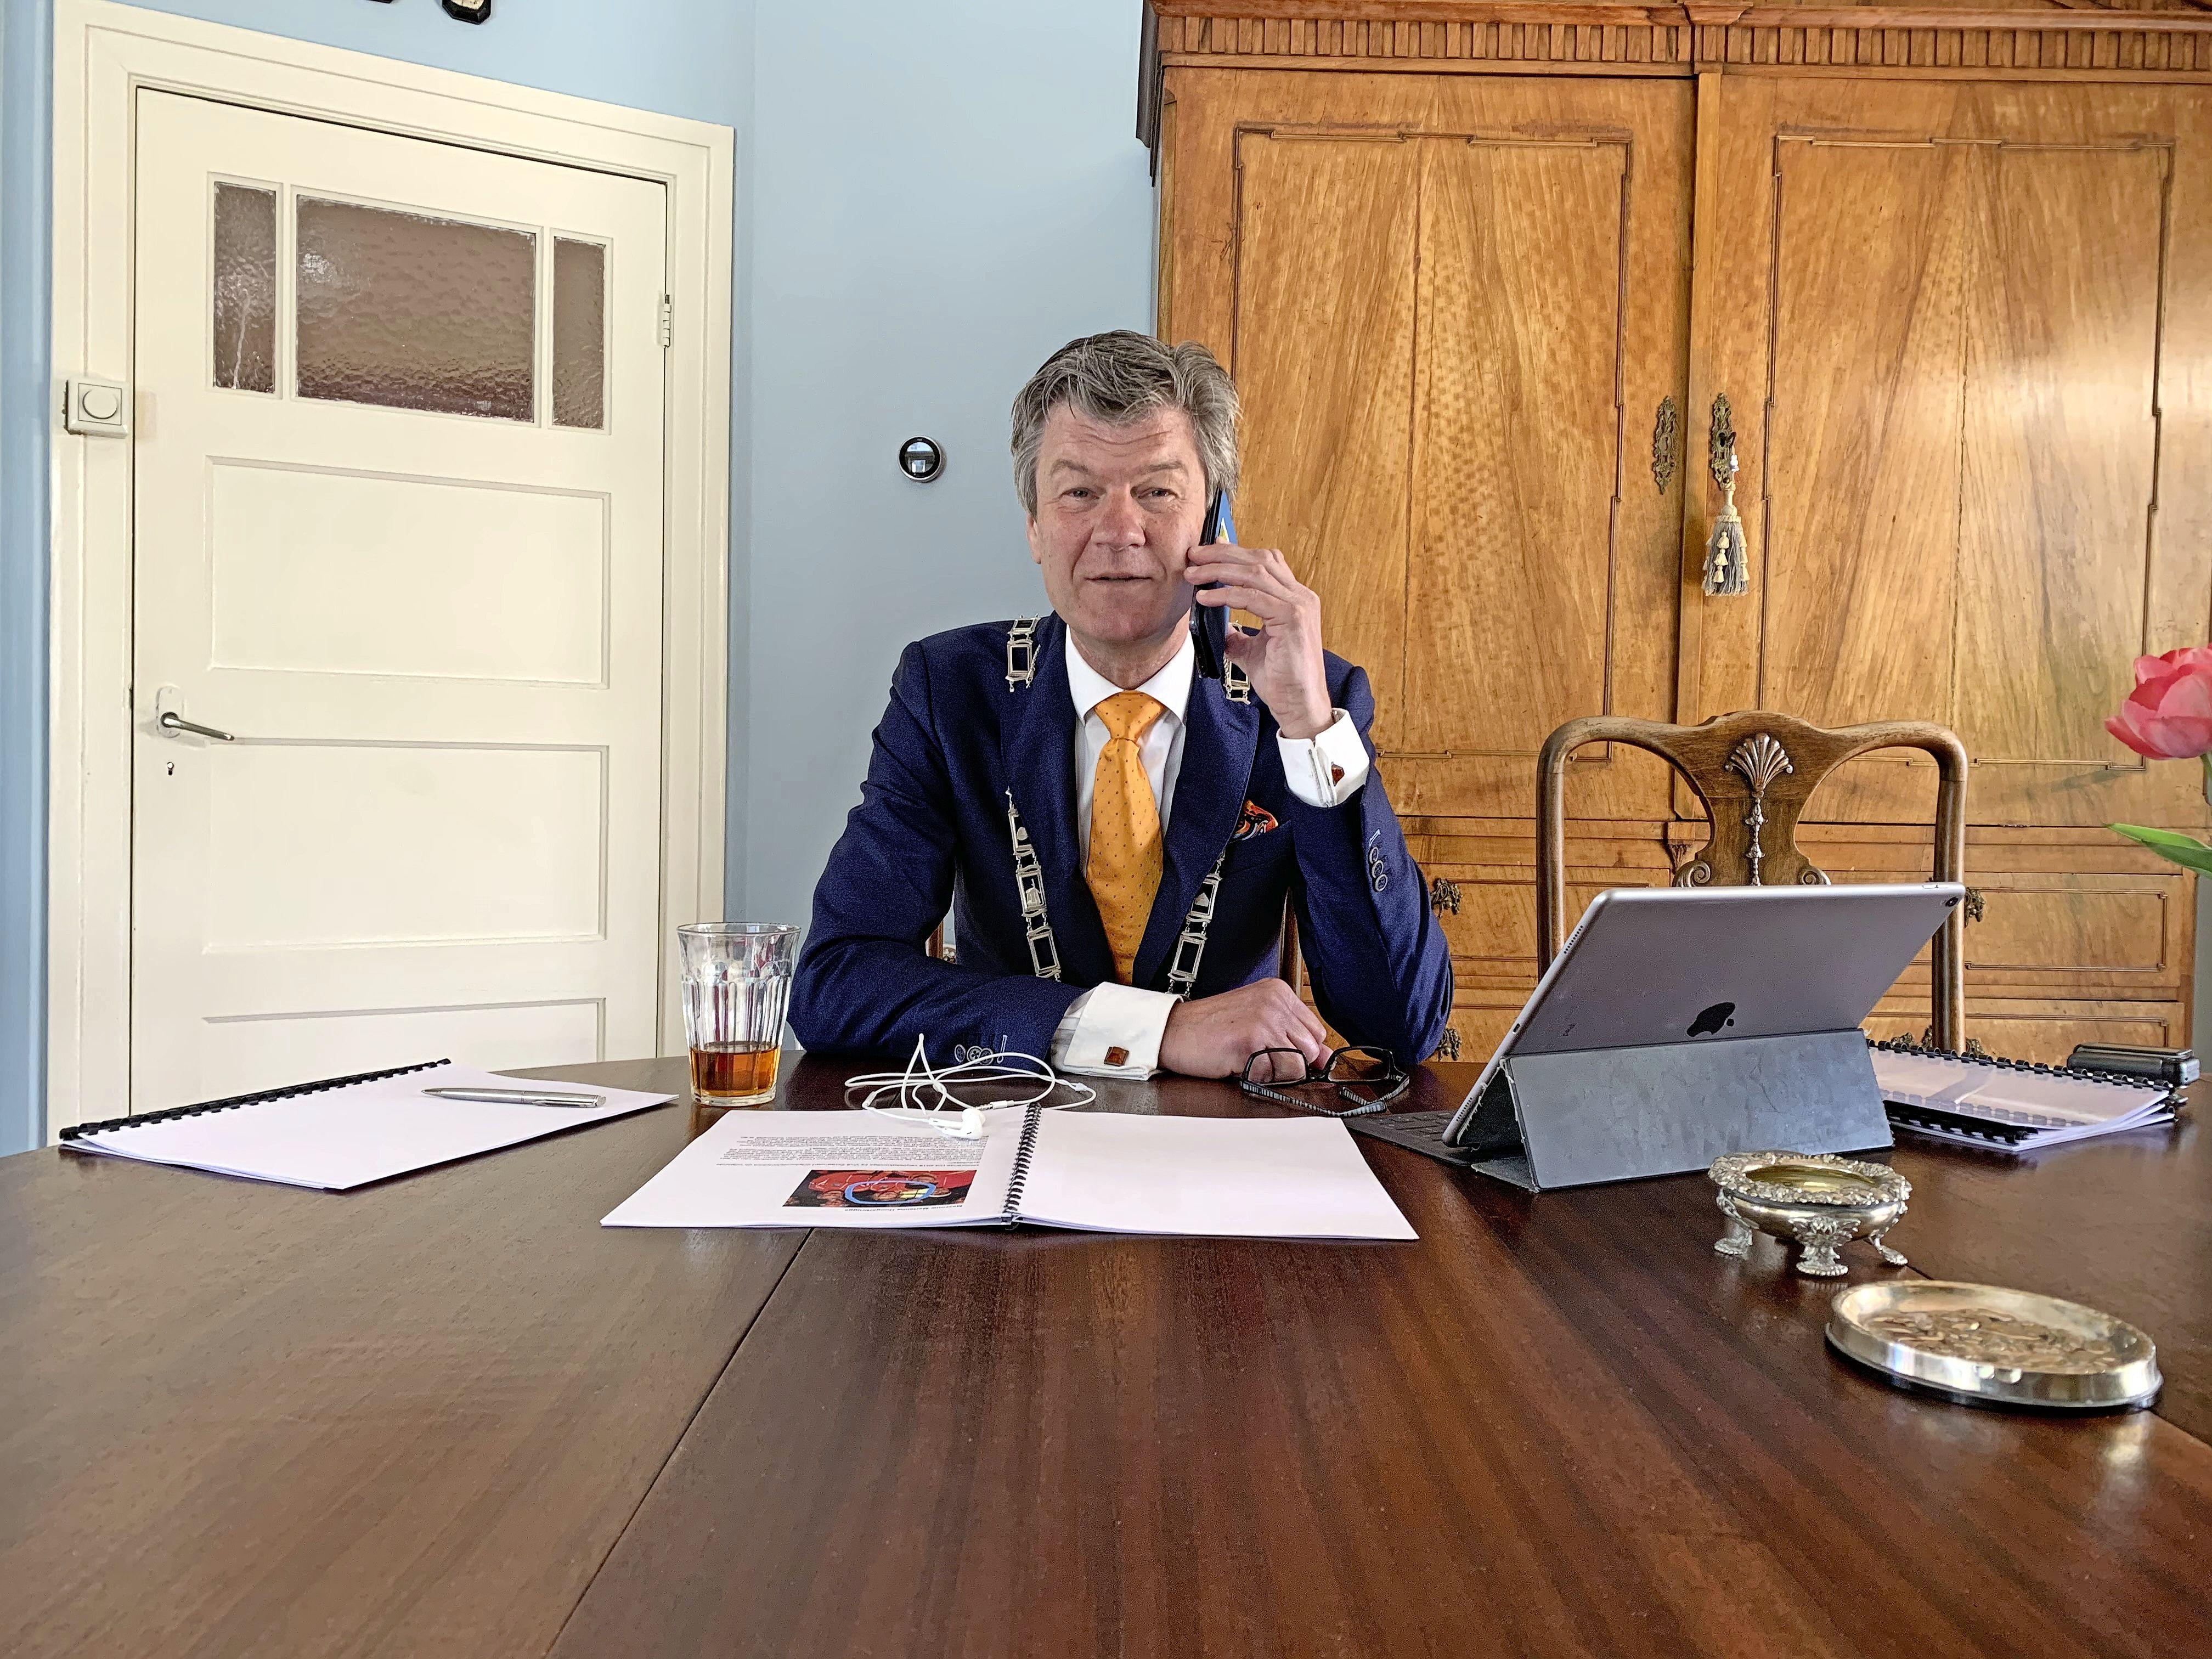 Acht gedecoreerden in Castricum per telefoon ingelicht door burgemeester Mans